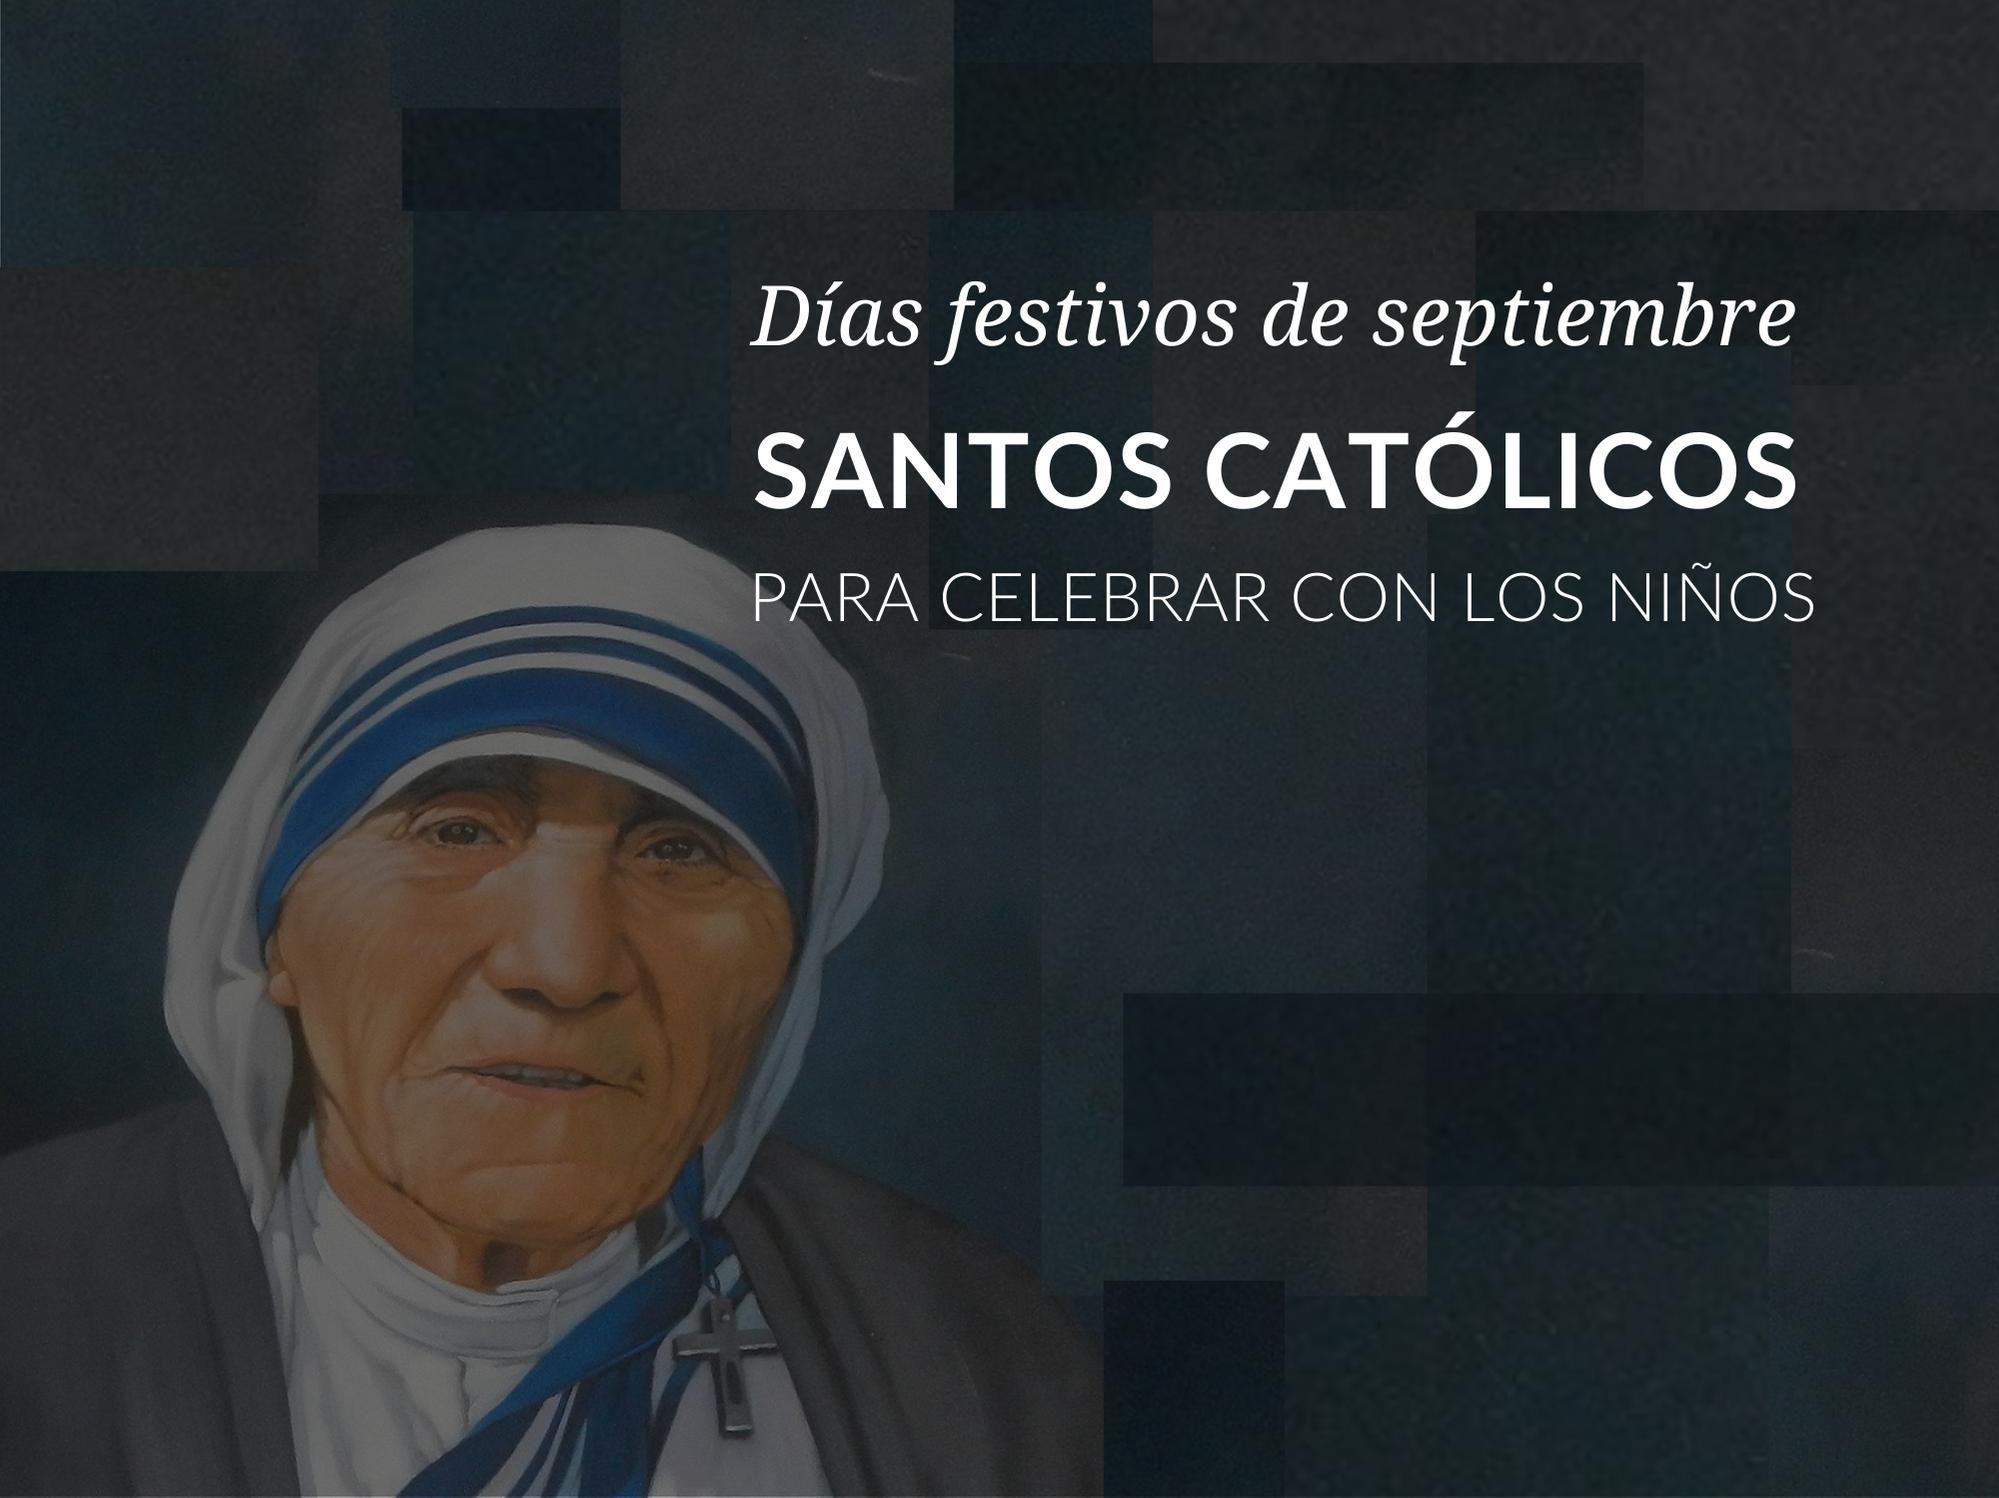 dias-festivos-de-septiembre-sanots-catolicos-para-celebrar-con-los-ninos